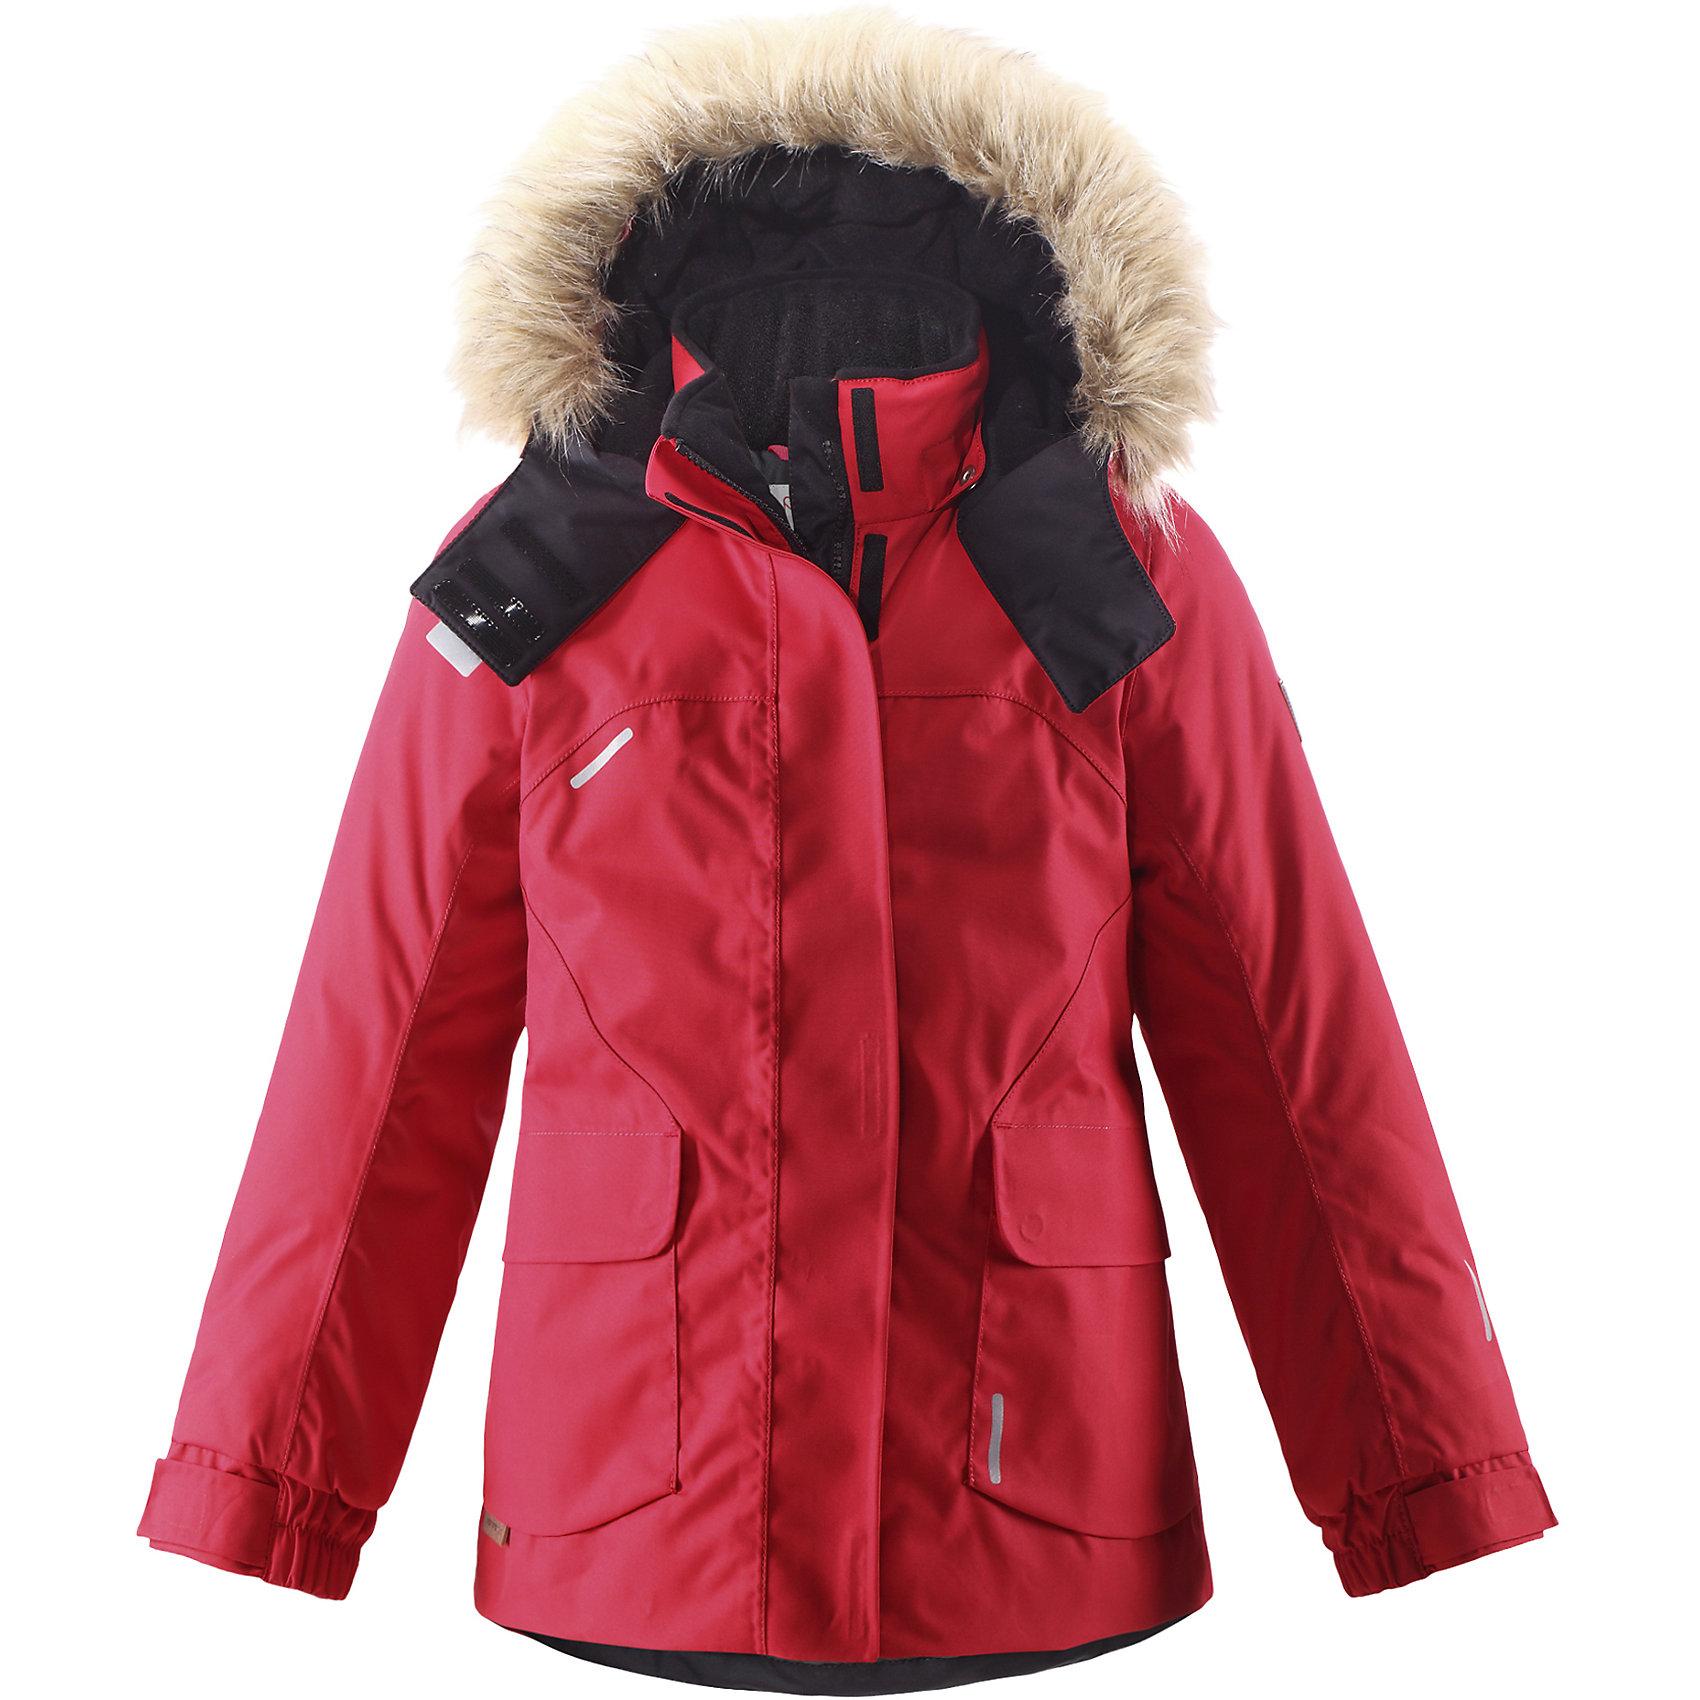 Куртка Sisarus для девочки Reimatec® ReimaОдежда<br>Куртка для девочки Reimatec® Reima<br>Зимняя куртка для подростков. Все швы проклеены и водонепроницаемы. Водо- и ветронепроницаемый, «дышащий» и грязеотталкивающий материал. Крой для девочек. Гладкая подкладка из полиэстра. Безопасный съемный капюшон с отсоединяемой меховой каймой из искусственного меха. Регулируемый манжет на липучке.Эластичный пояс сзади. Два кармана с клапанами. .Логотип Reima® на рукаве. Безопасные светоотражающие детали. Петля для дополнительных светоотражающих деталей.<br>Утеплитель: Reima® Comfort+ insulation,160 g<br>Уход:<br>Стирать по отдельности, вывернув наизнанку. Перед стиркой отстегните искусственный мех. Застегнуть молнии и липучки. Стирать моющим средством, не содержащим отбеливающие вещества. Полоскать без специального средства. Во избежание изменения цвета изделие необходимо вынуть из стиральной машинки незамедлительно после окончания программы стирки. Можно сушить в сушильном шкафу или центрифуге (макс. 40° C).<br>Состав:<br>100% Полиамид, полиуретановое покрытие<br><br>Ширина мм: 356<br>Глубина мм: 10<br>Высота мм: 245<br>Вес г: 519<br>Цвет: красный<br>Возраст от месяцев: 108<br>Возраст до месяцев: 120<br>Пол: Женский<br>Возраст: Детский<br>Размер: 140,164,128,146,134,152,116,110,104,122,158<br>SKU: 4778411